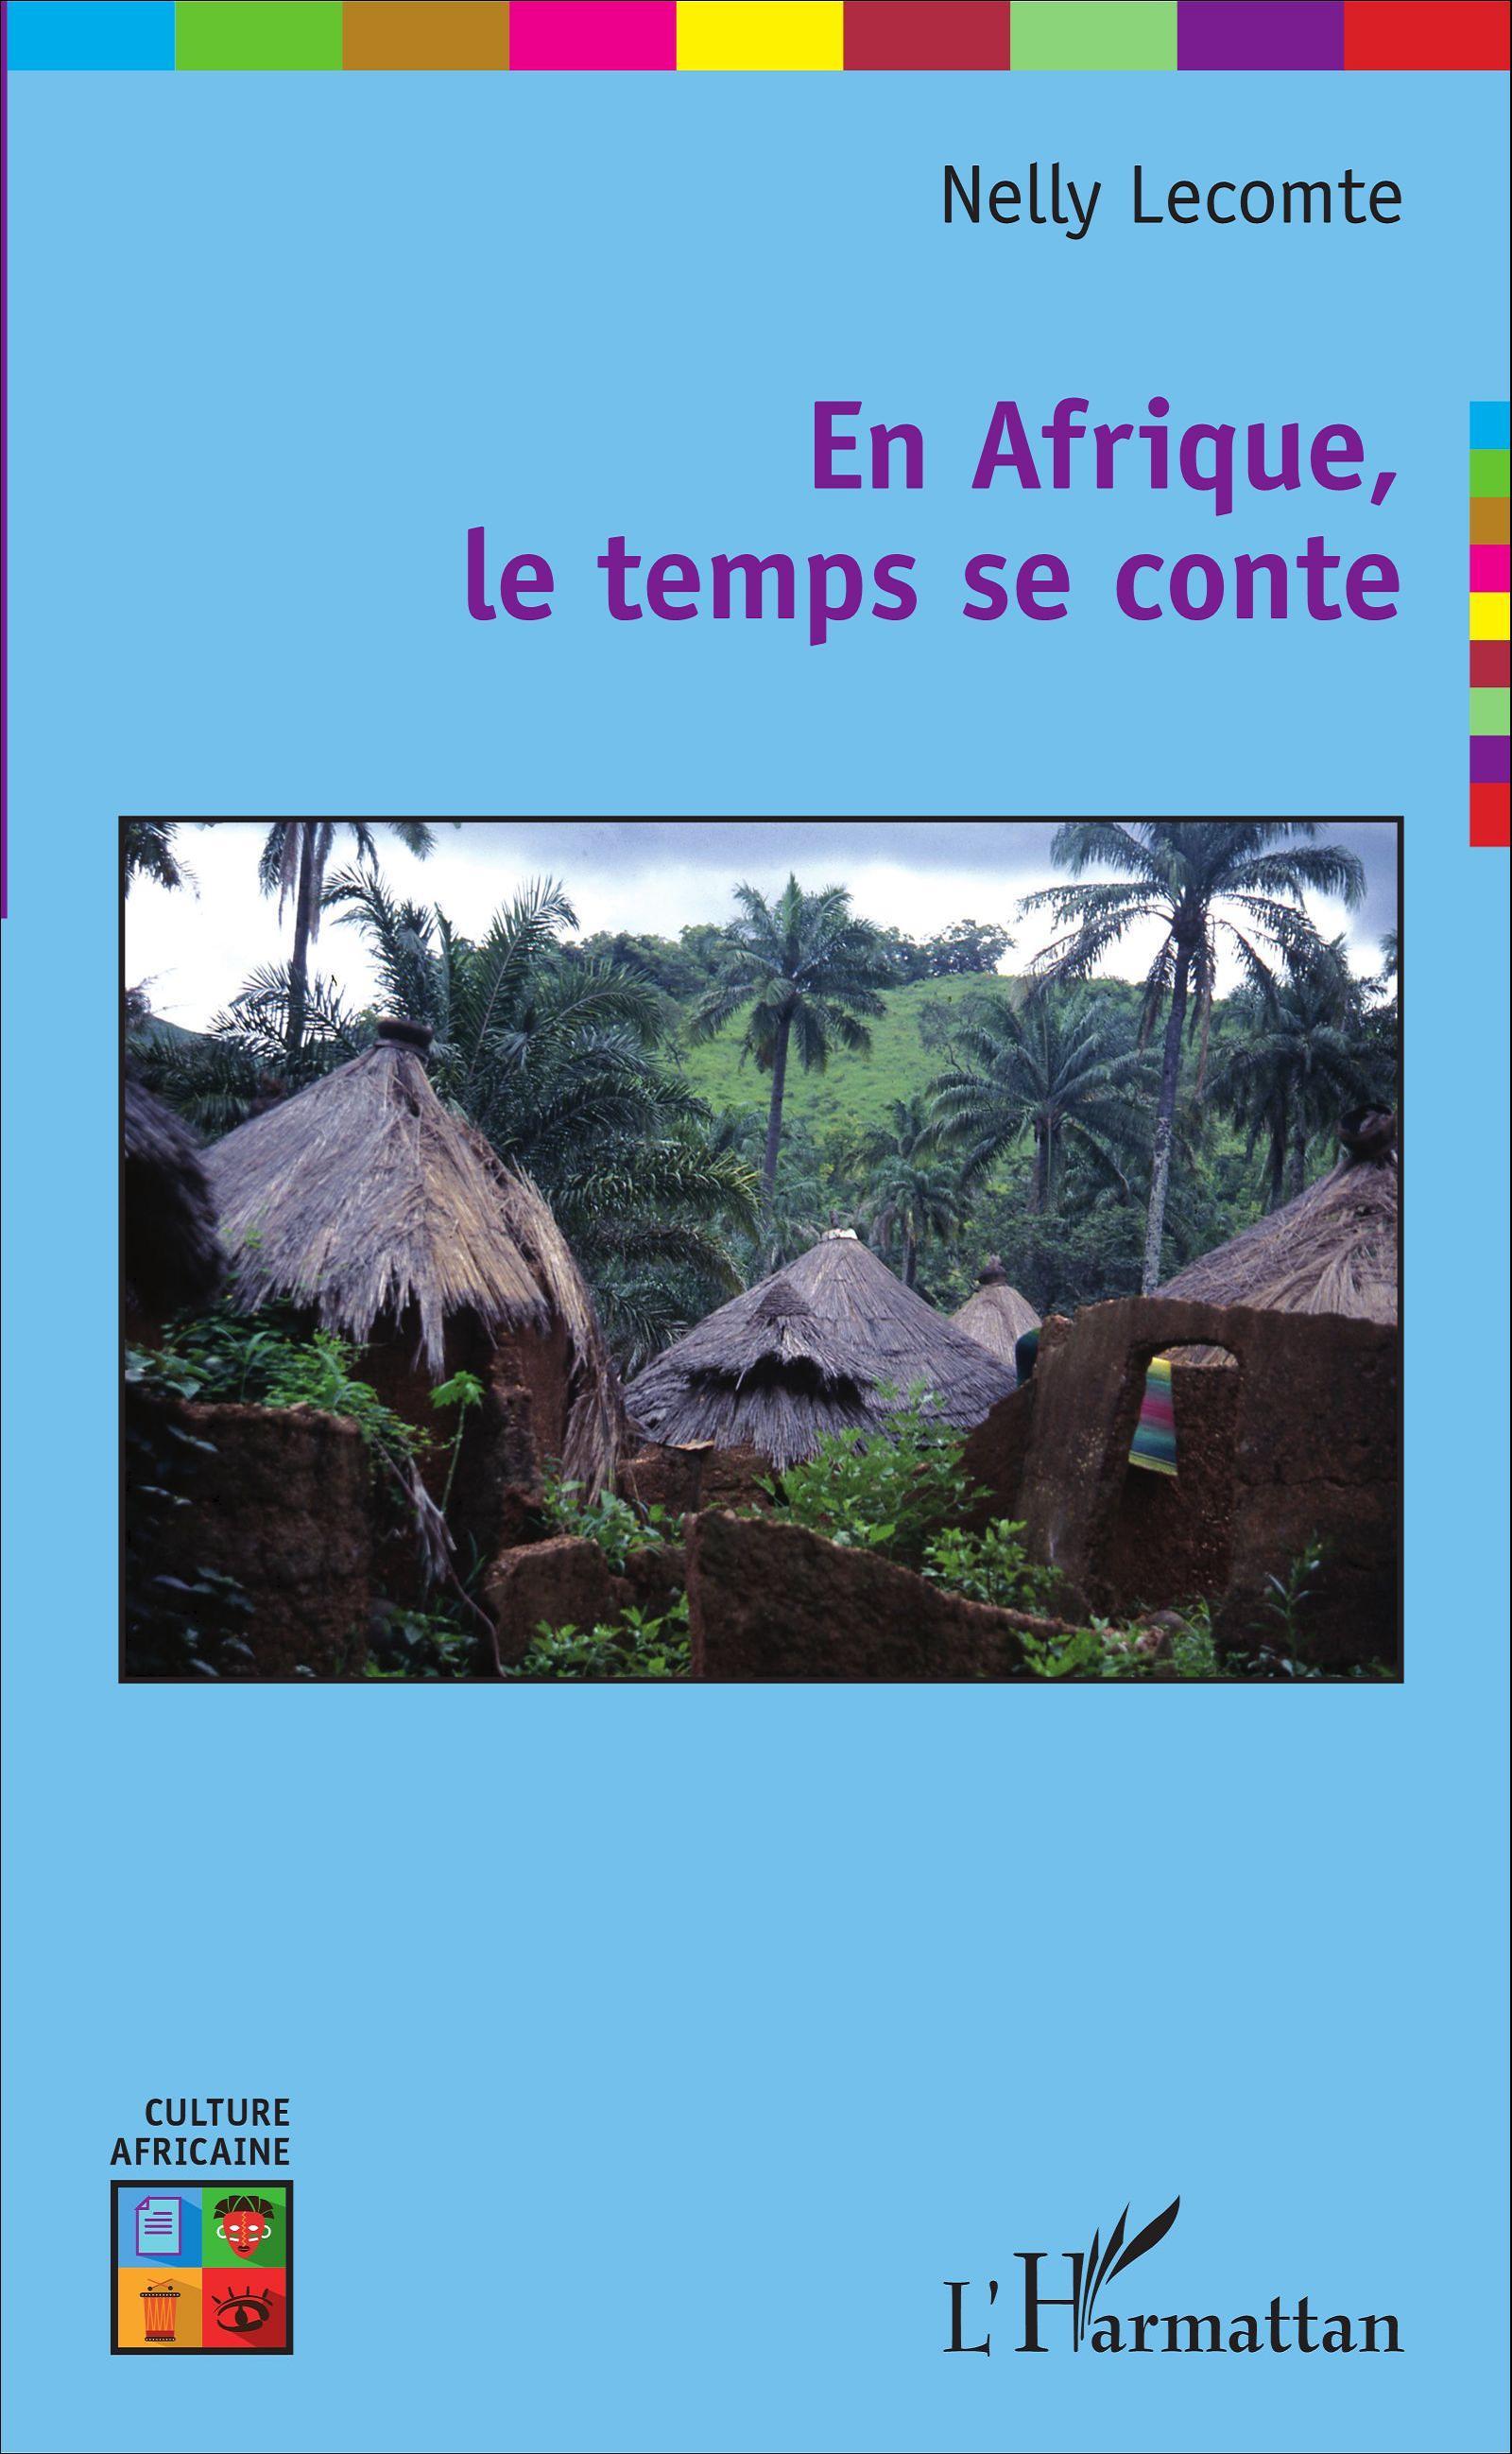 couverture du livre En Afrique, le temps se conte